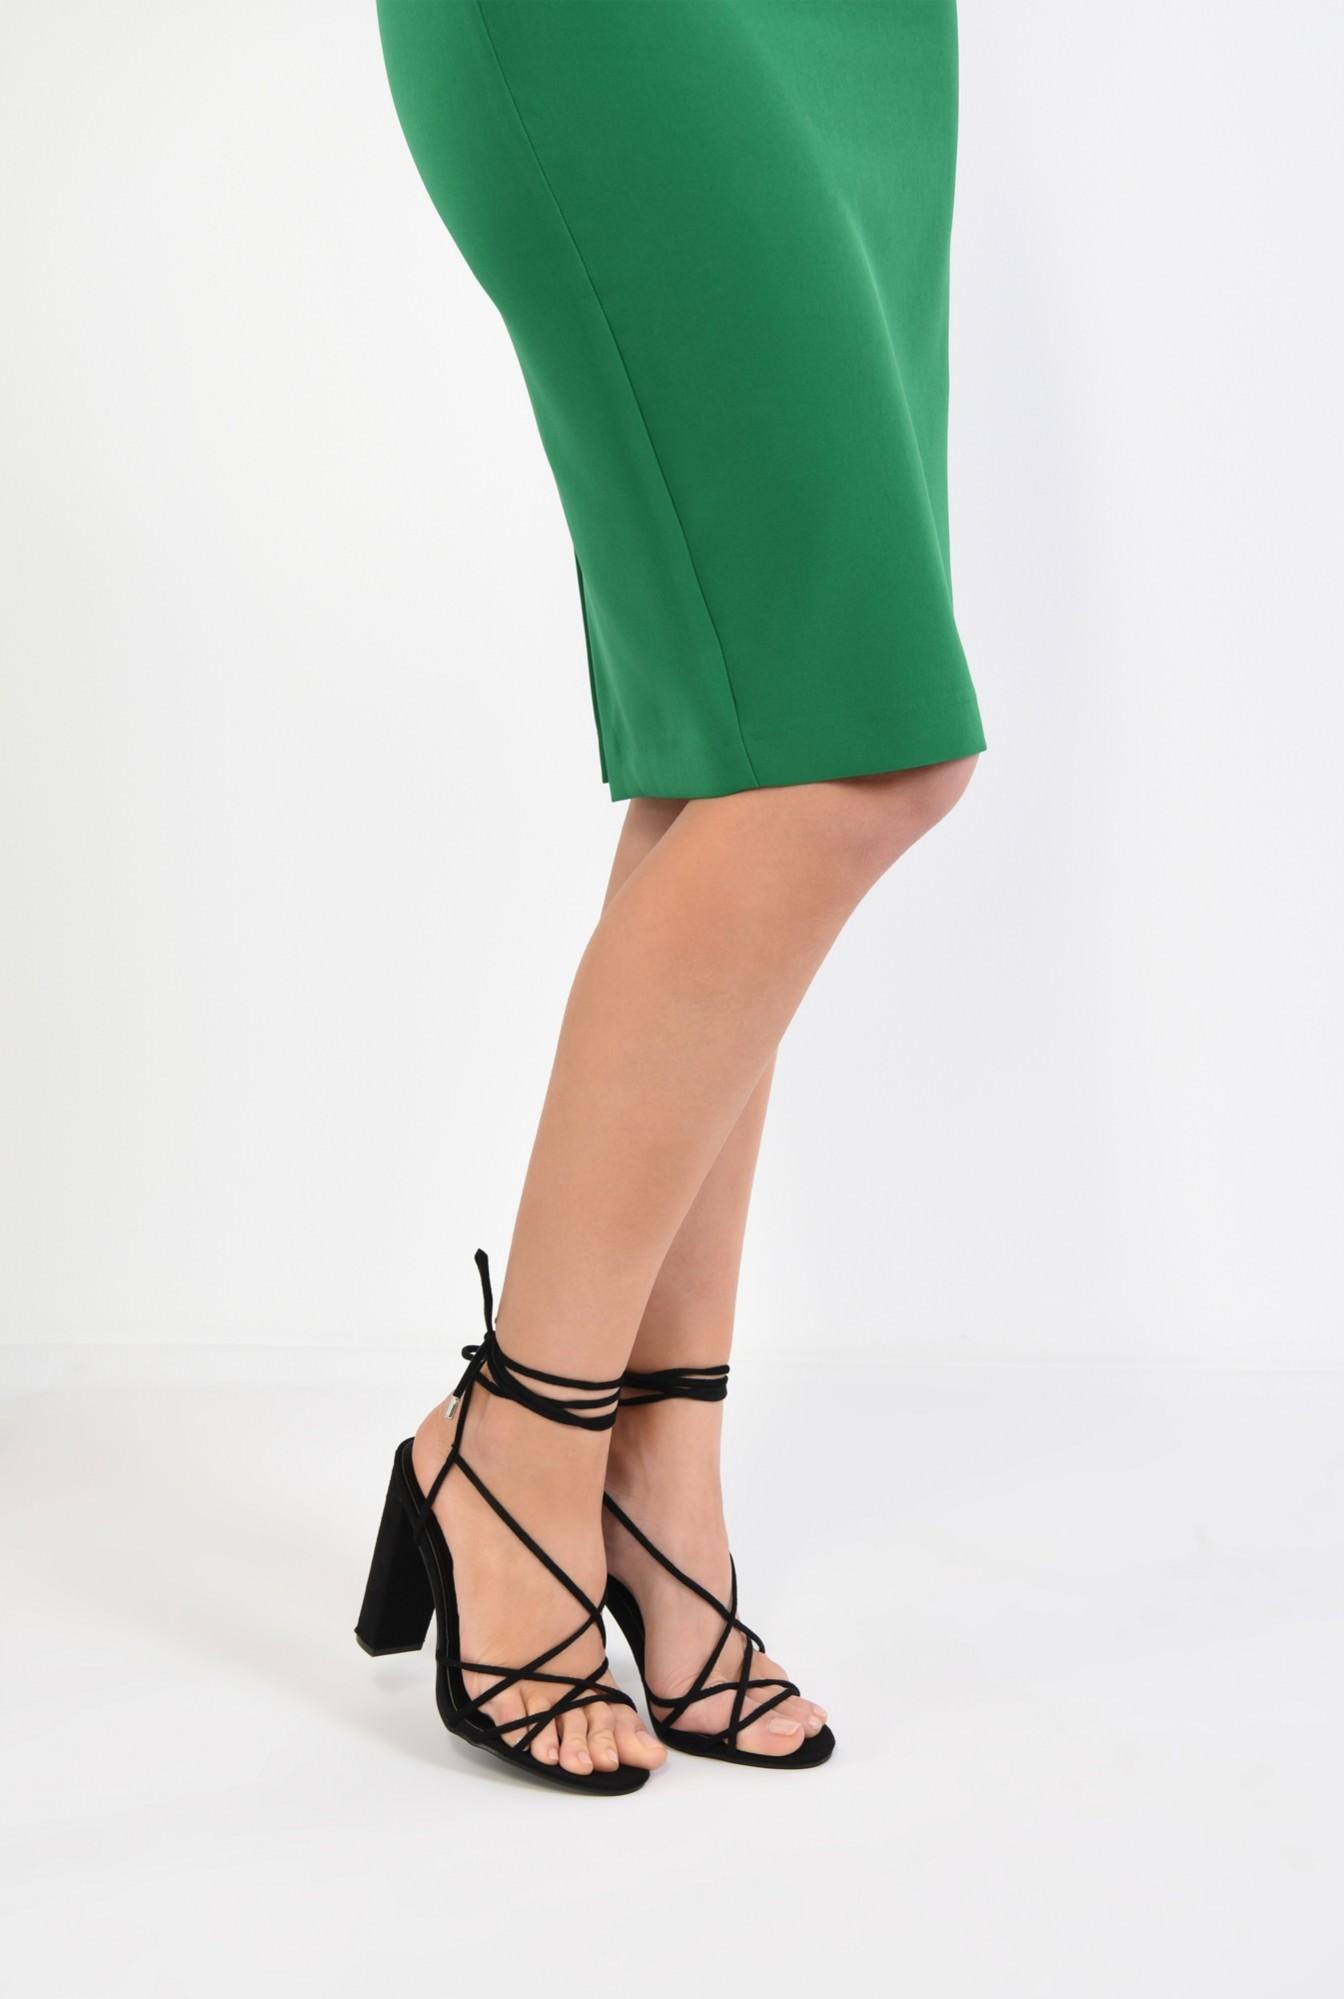 4 - sandale elegante, negre, cu toc gros, barete tip snur